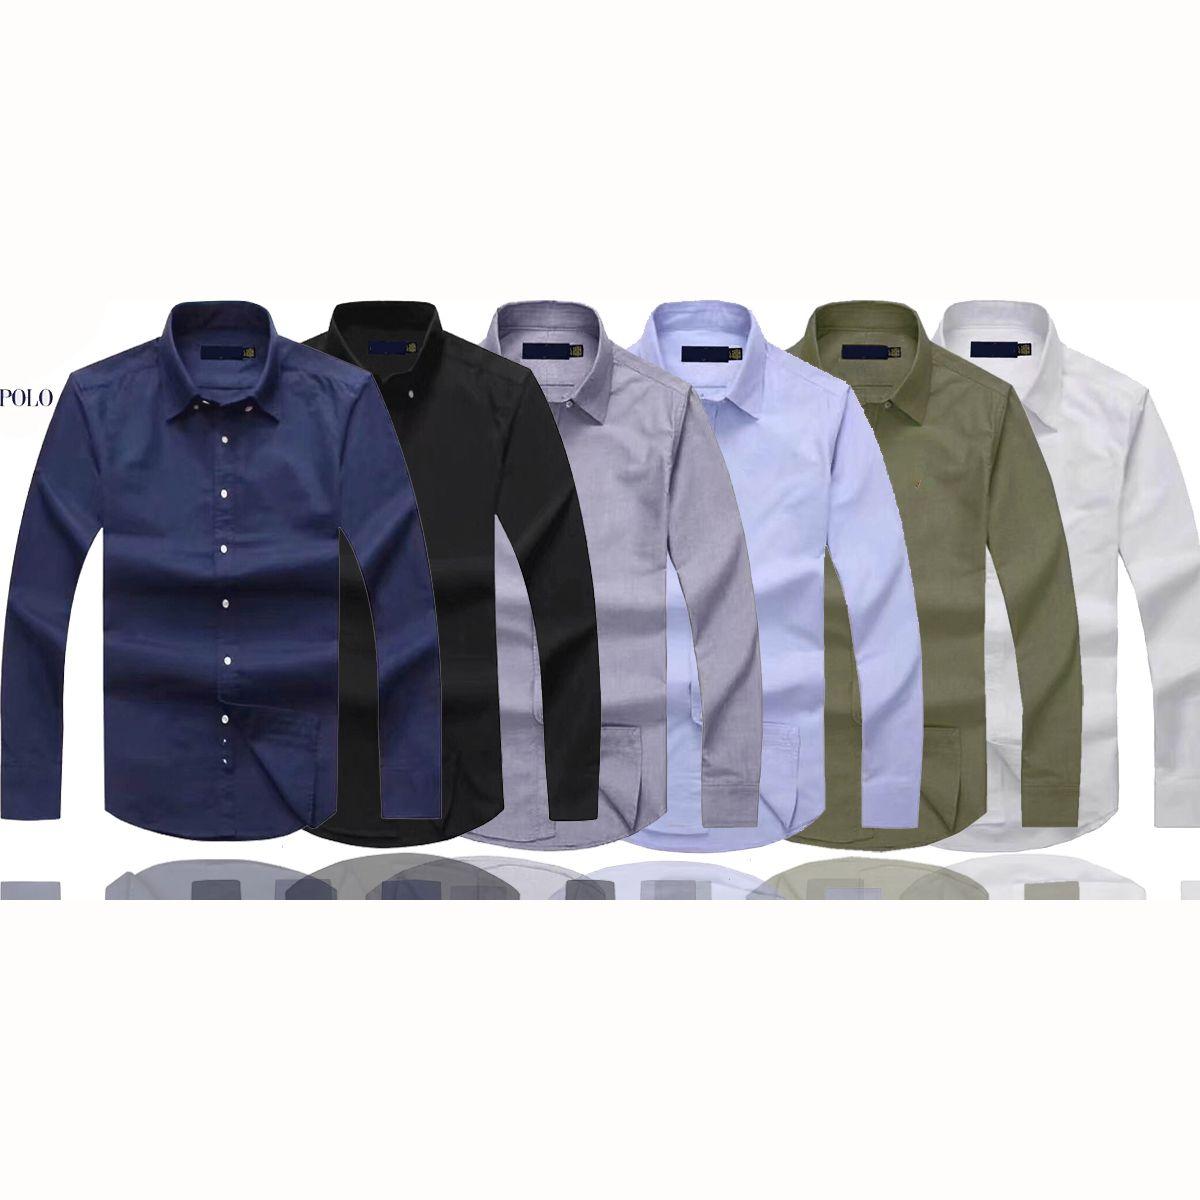 망 폴로 셔츠 긴 소매 캐주얼 솔리드 셔츠 아메리칸 스타일 폴로스 셔츠 패션 옥스포드 사회 셔츠 베스트